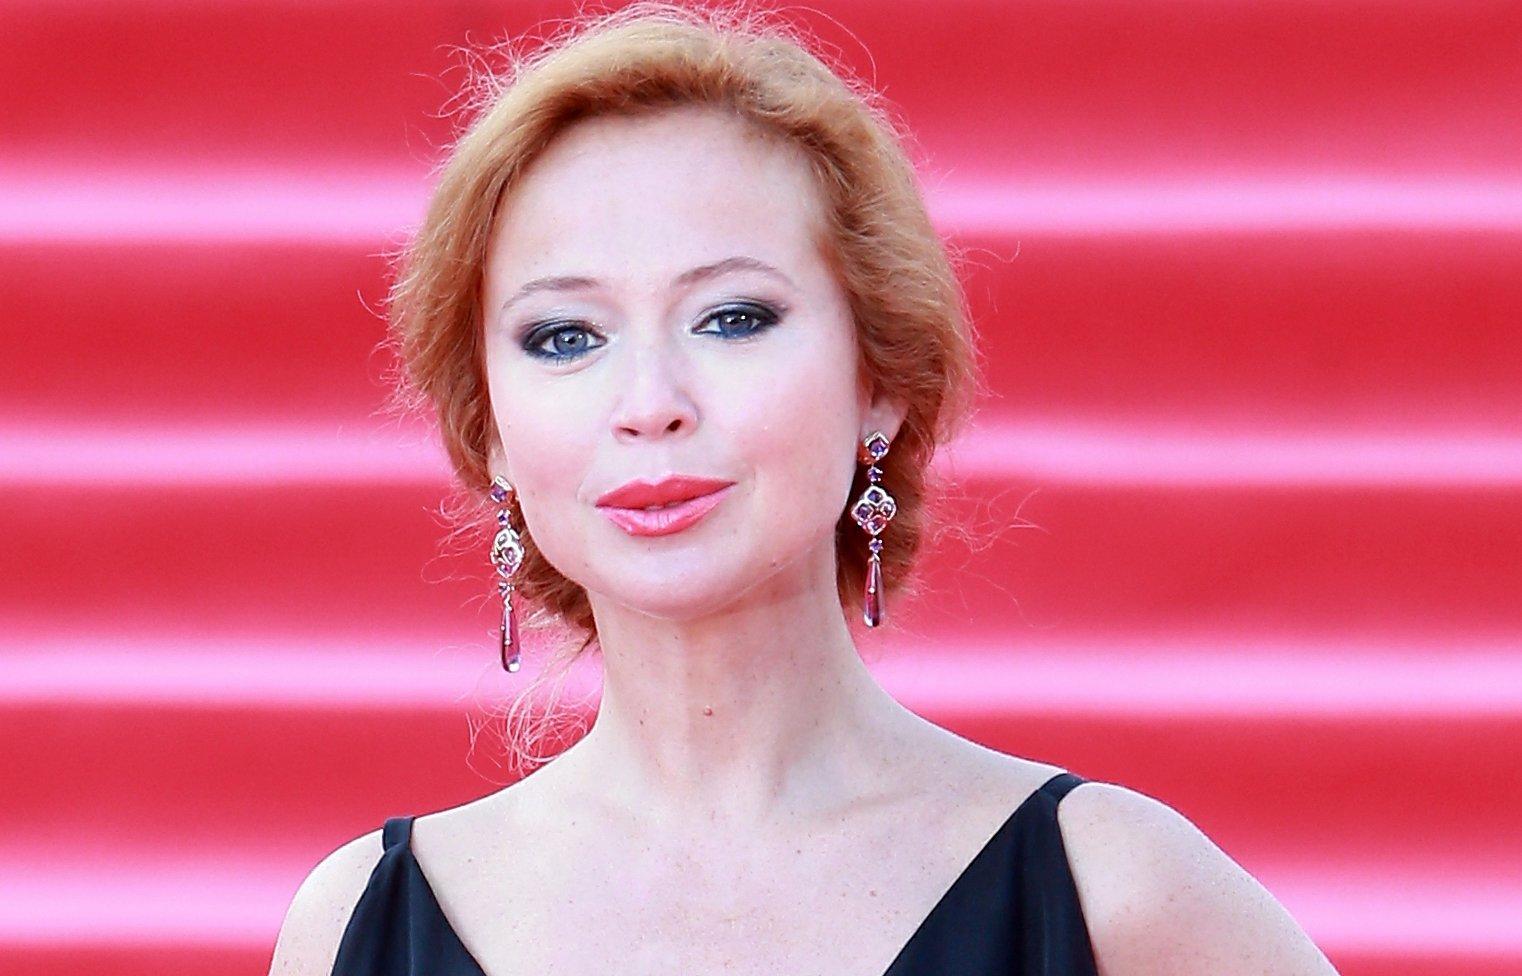 Елена Захарова блистала на красной дорожке в эффектном платье